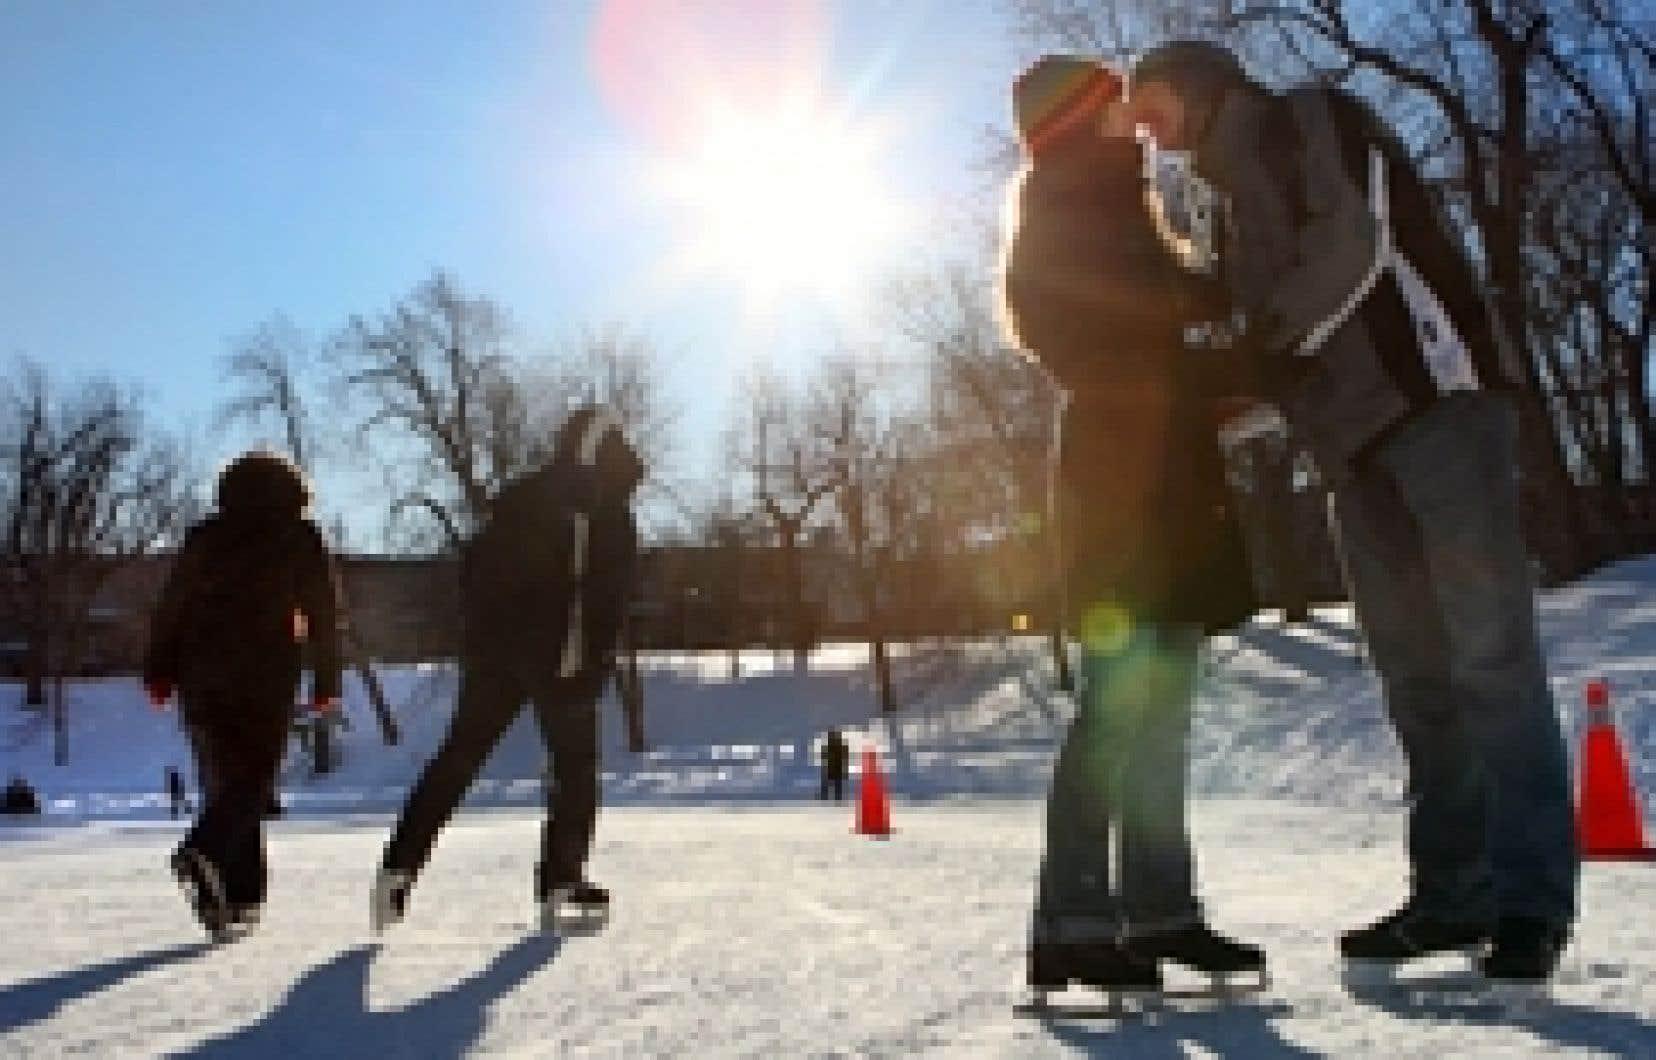 Il est tombé 14,8 cm de neige sur Montréal le 1er janvier: de quoi faire des heureux chez les amateurs de sports d'hiver, comme ces patineurs du parc Lafontaine, mais aussi chez certains clients d'itravel2000 qui s'envoleront gratuitement vers le